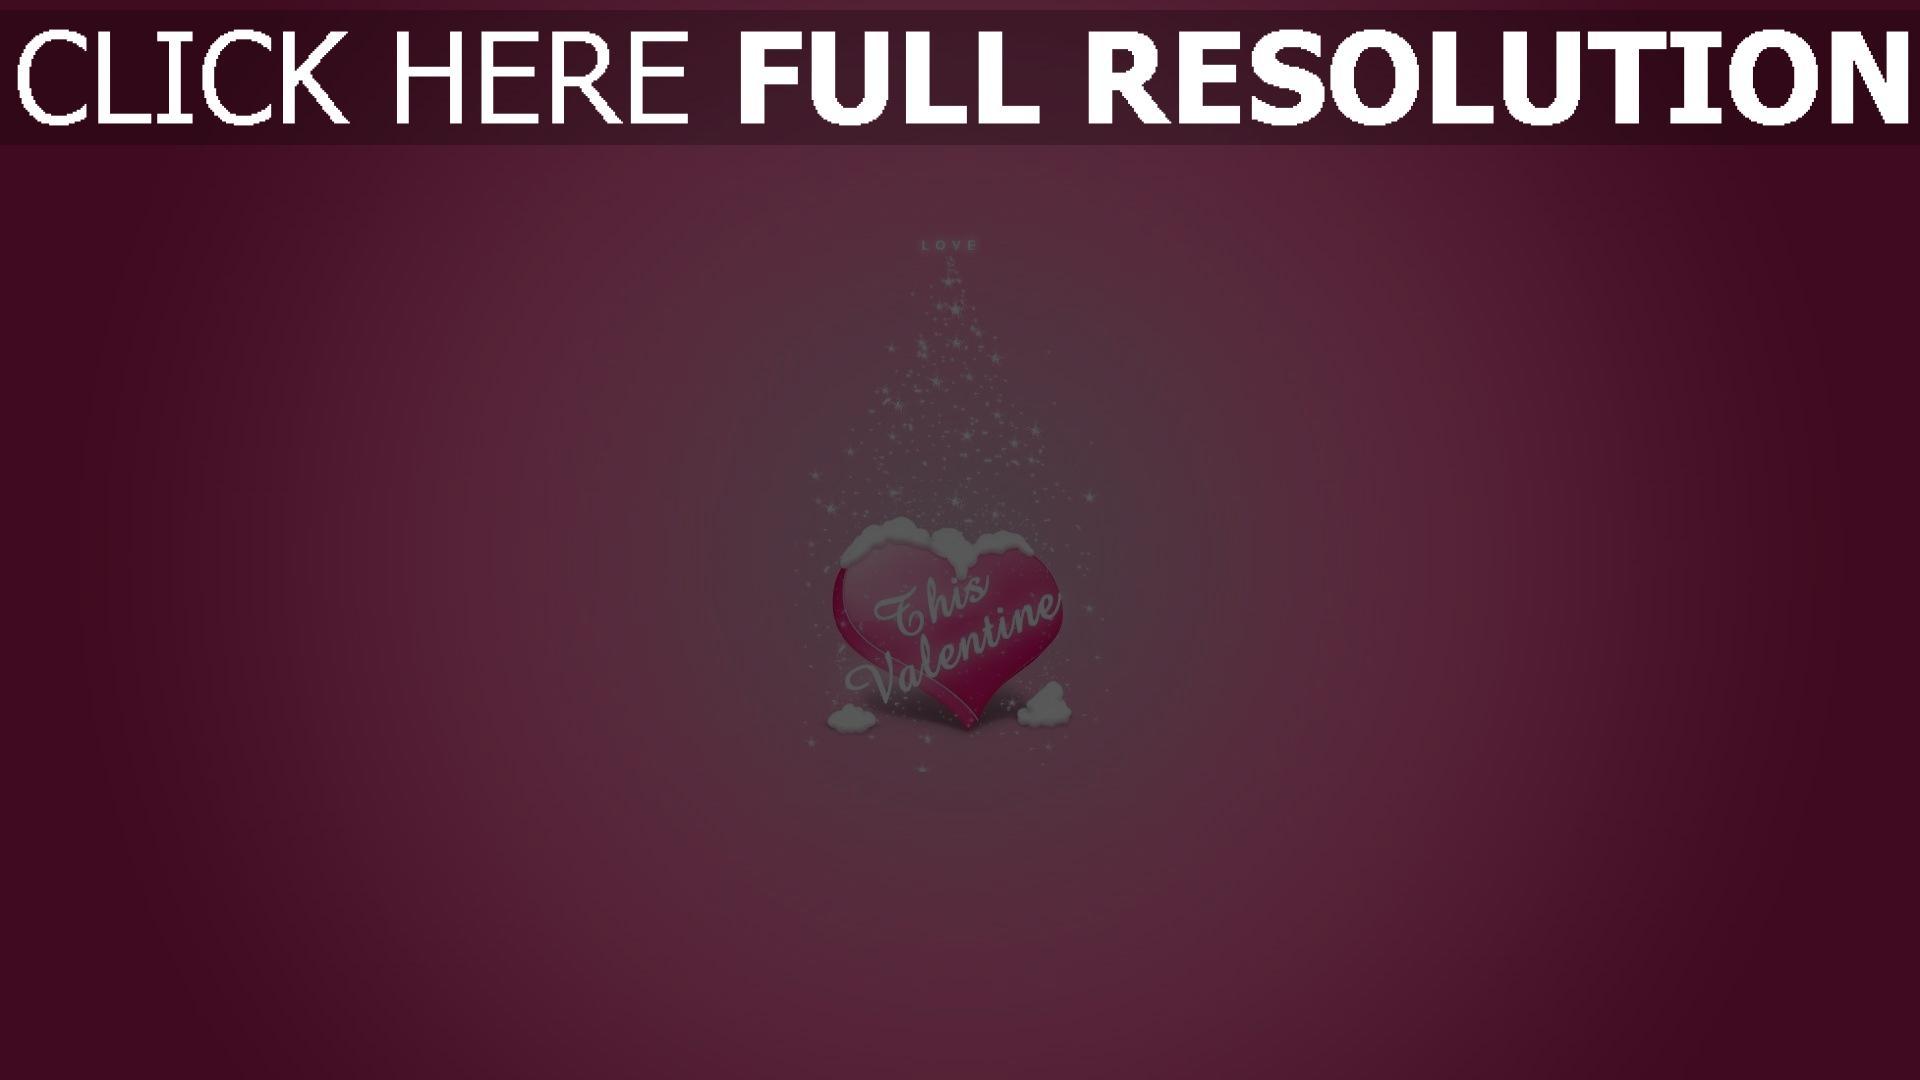 Hd Hintergrundbilder Valentinstag Herz Schnee Rosa 1920x1080